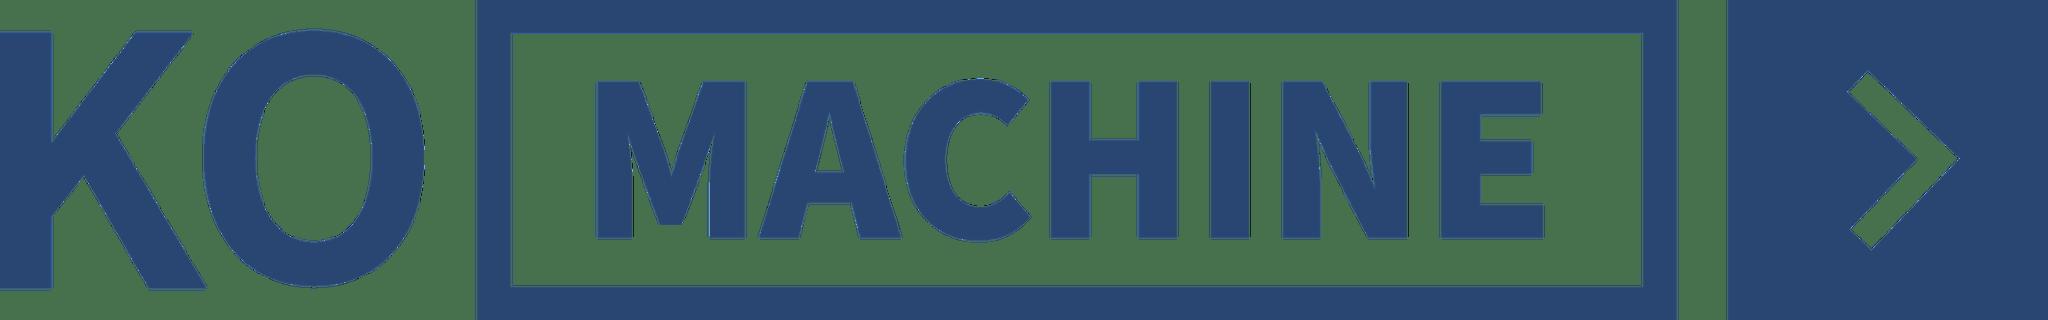 Komachine